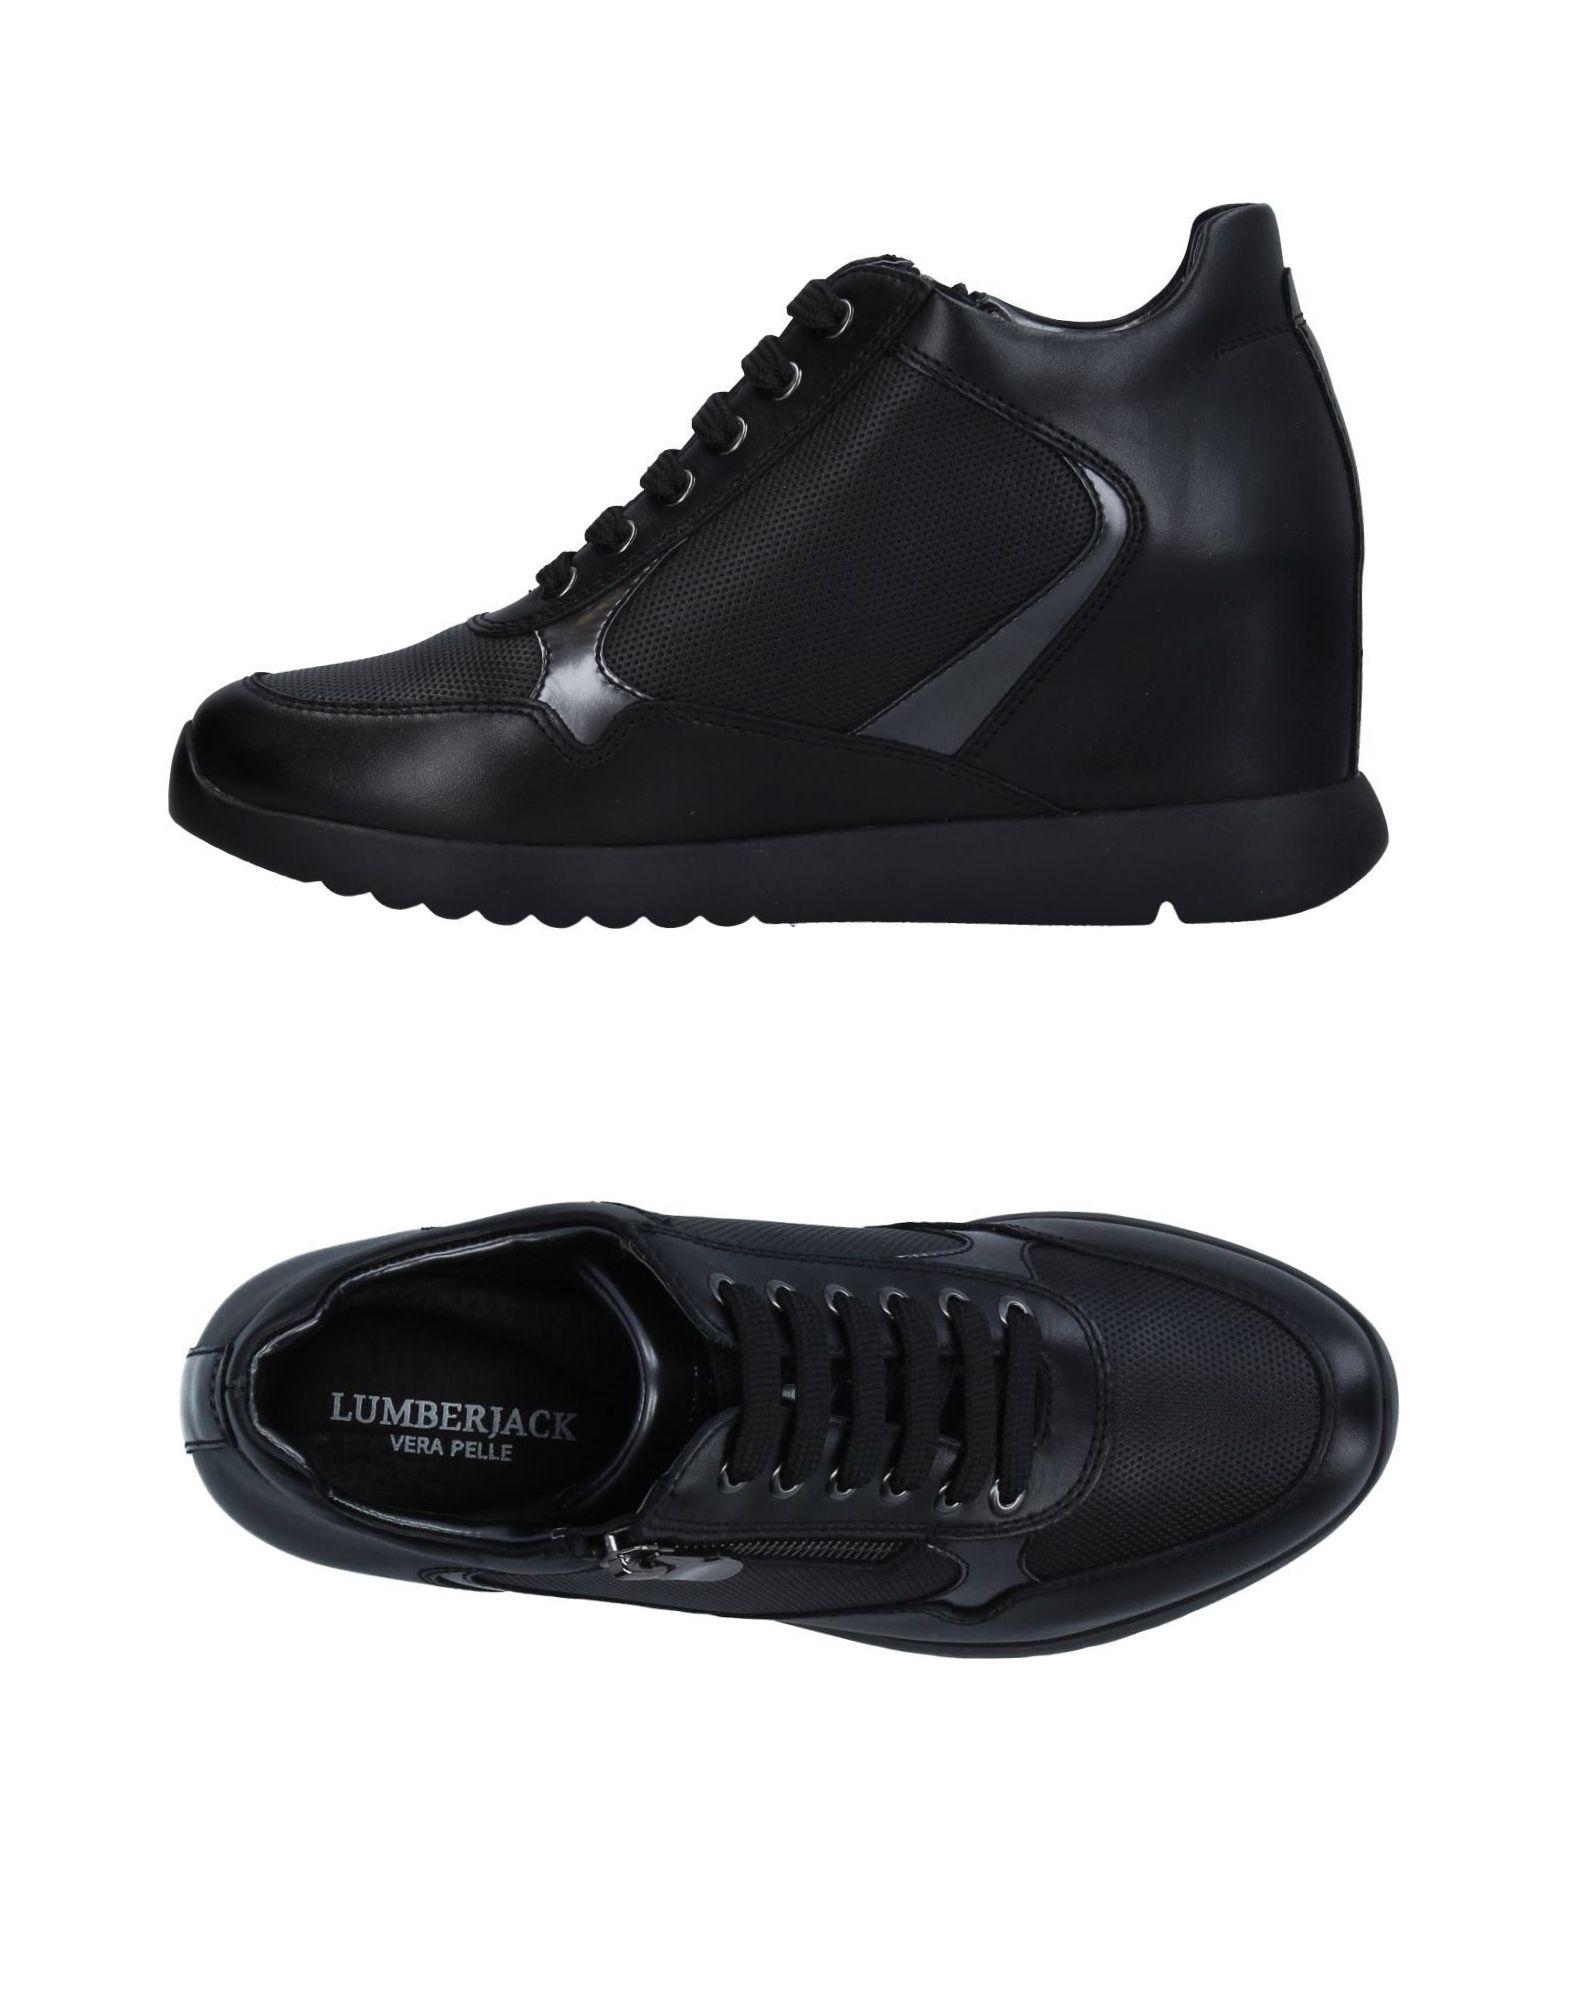 Lumberjack Sneakers Damen  11320909EB Gute Qualität beliebte Schuhe